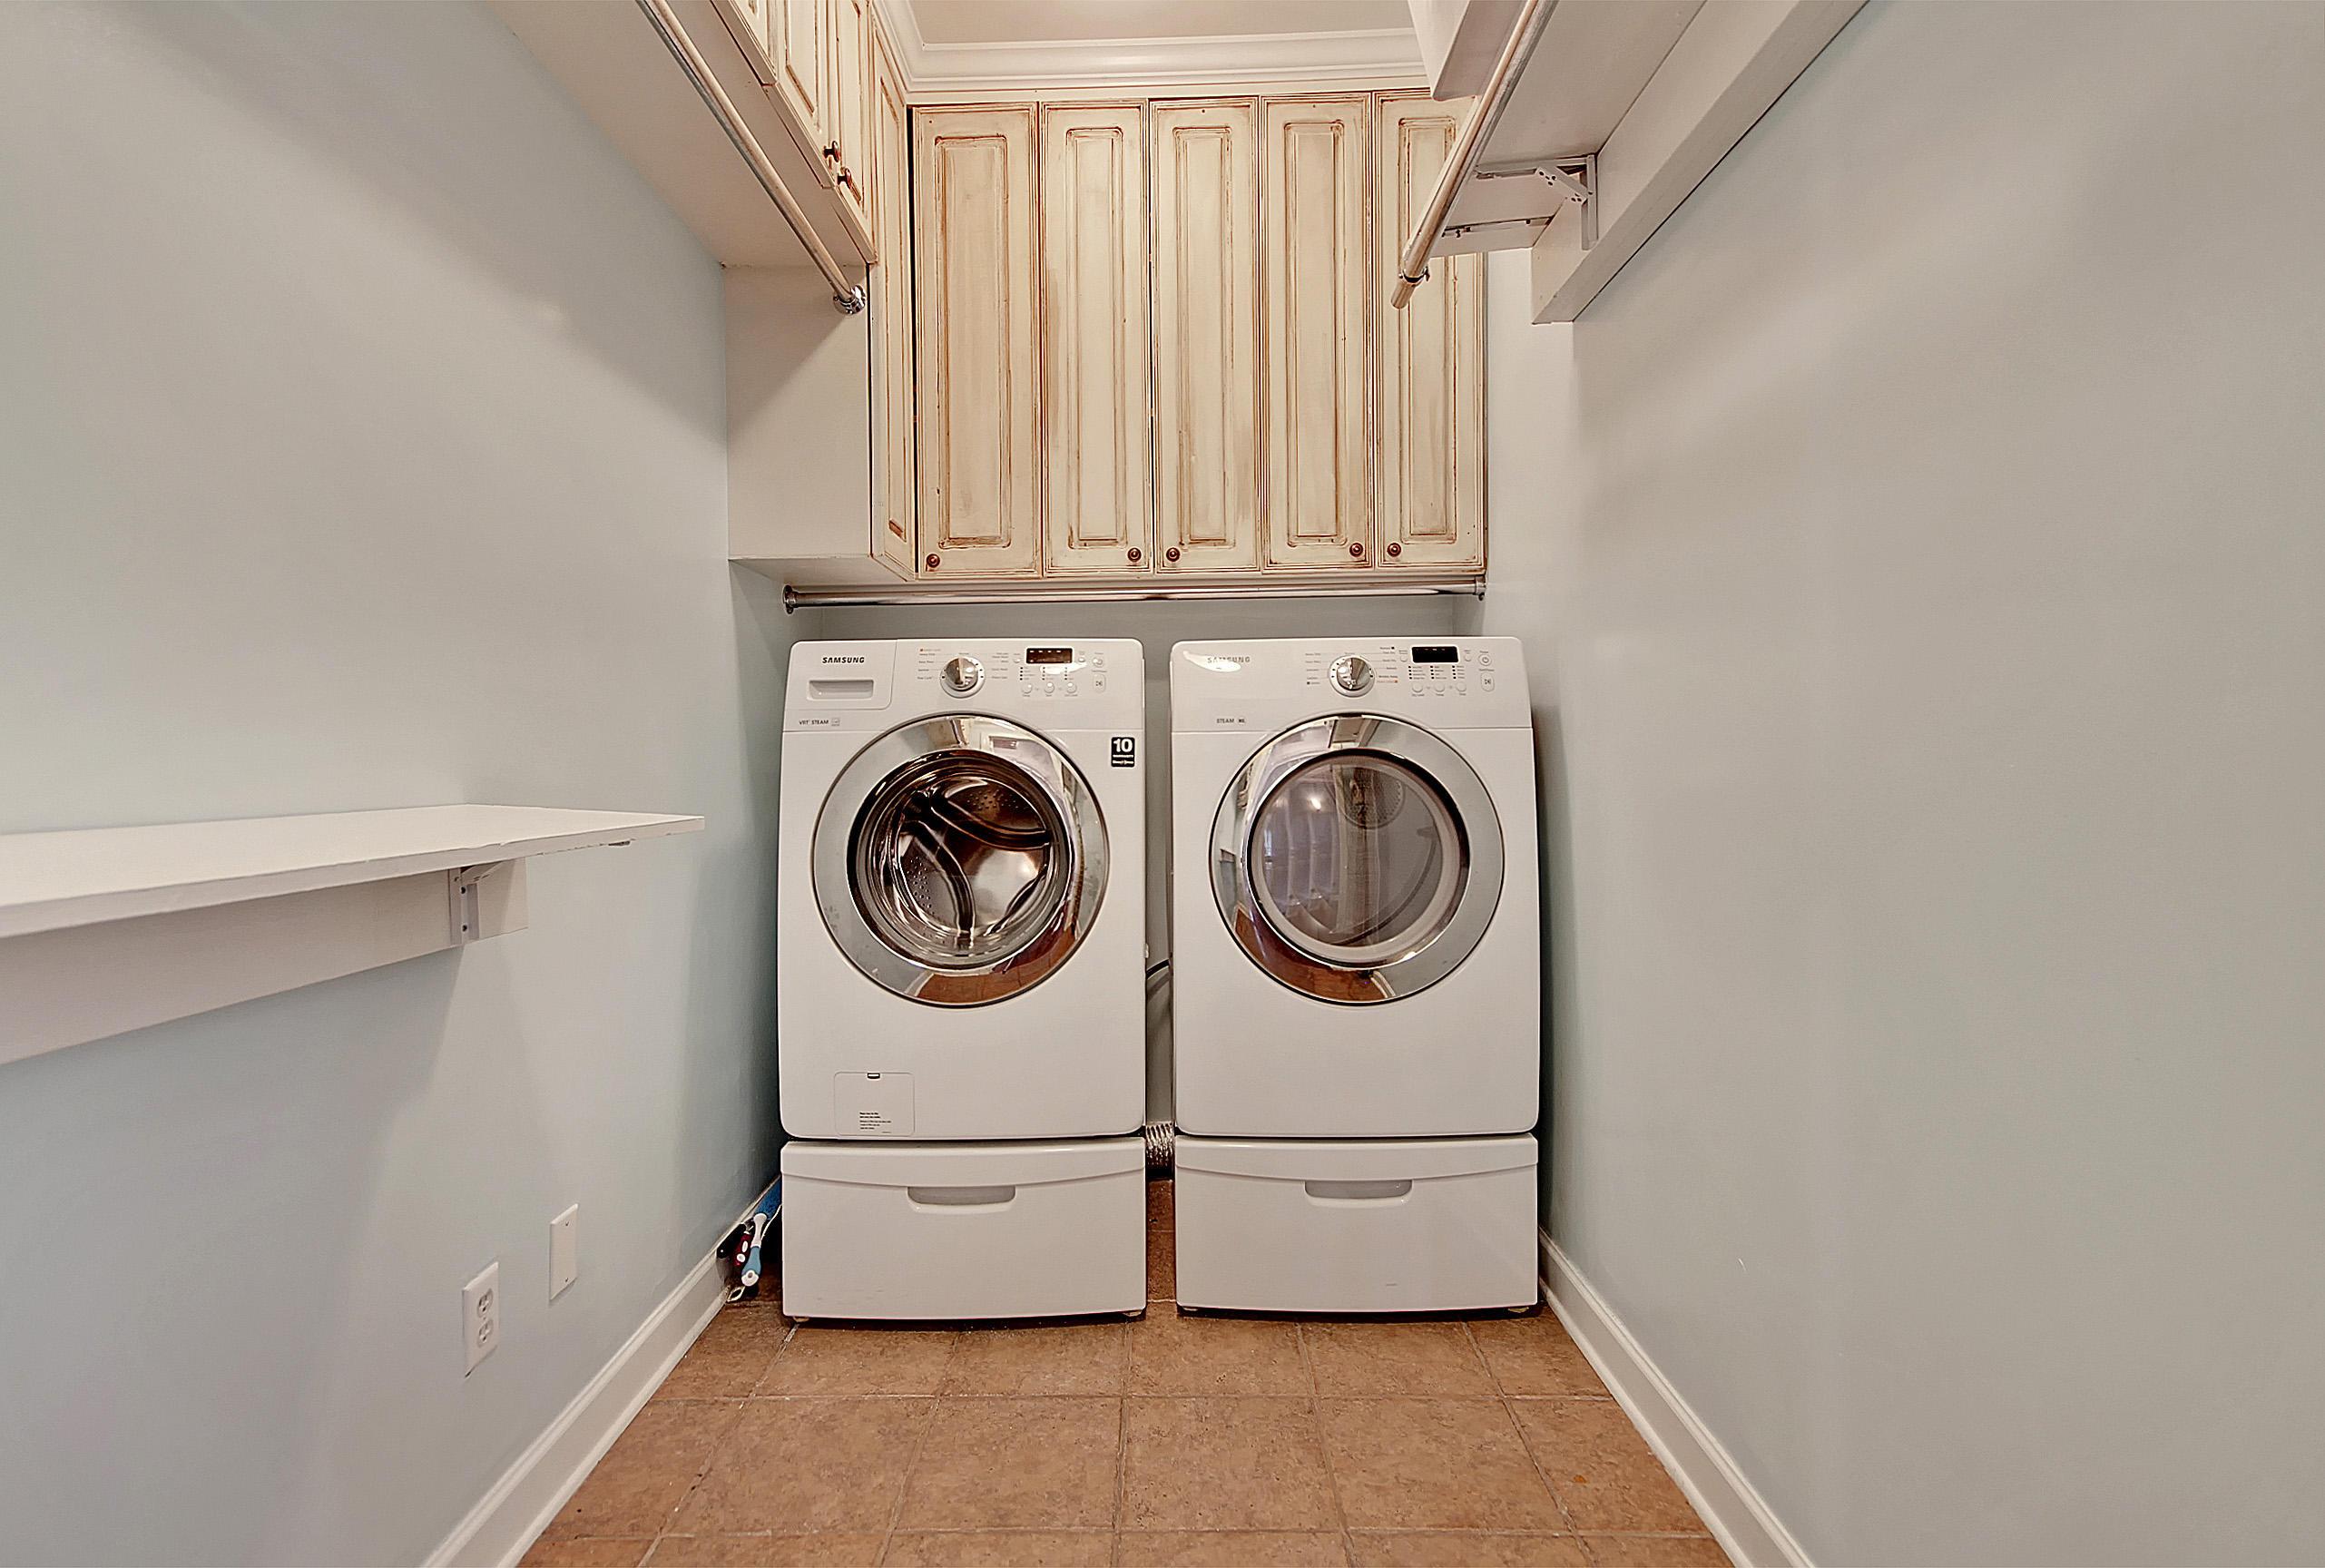 Dunes West Homes For Sale - 3056 Riverwood, Mount Pleasant, SC - 5